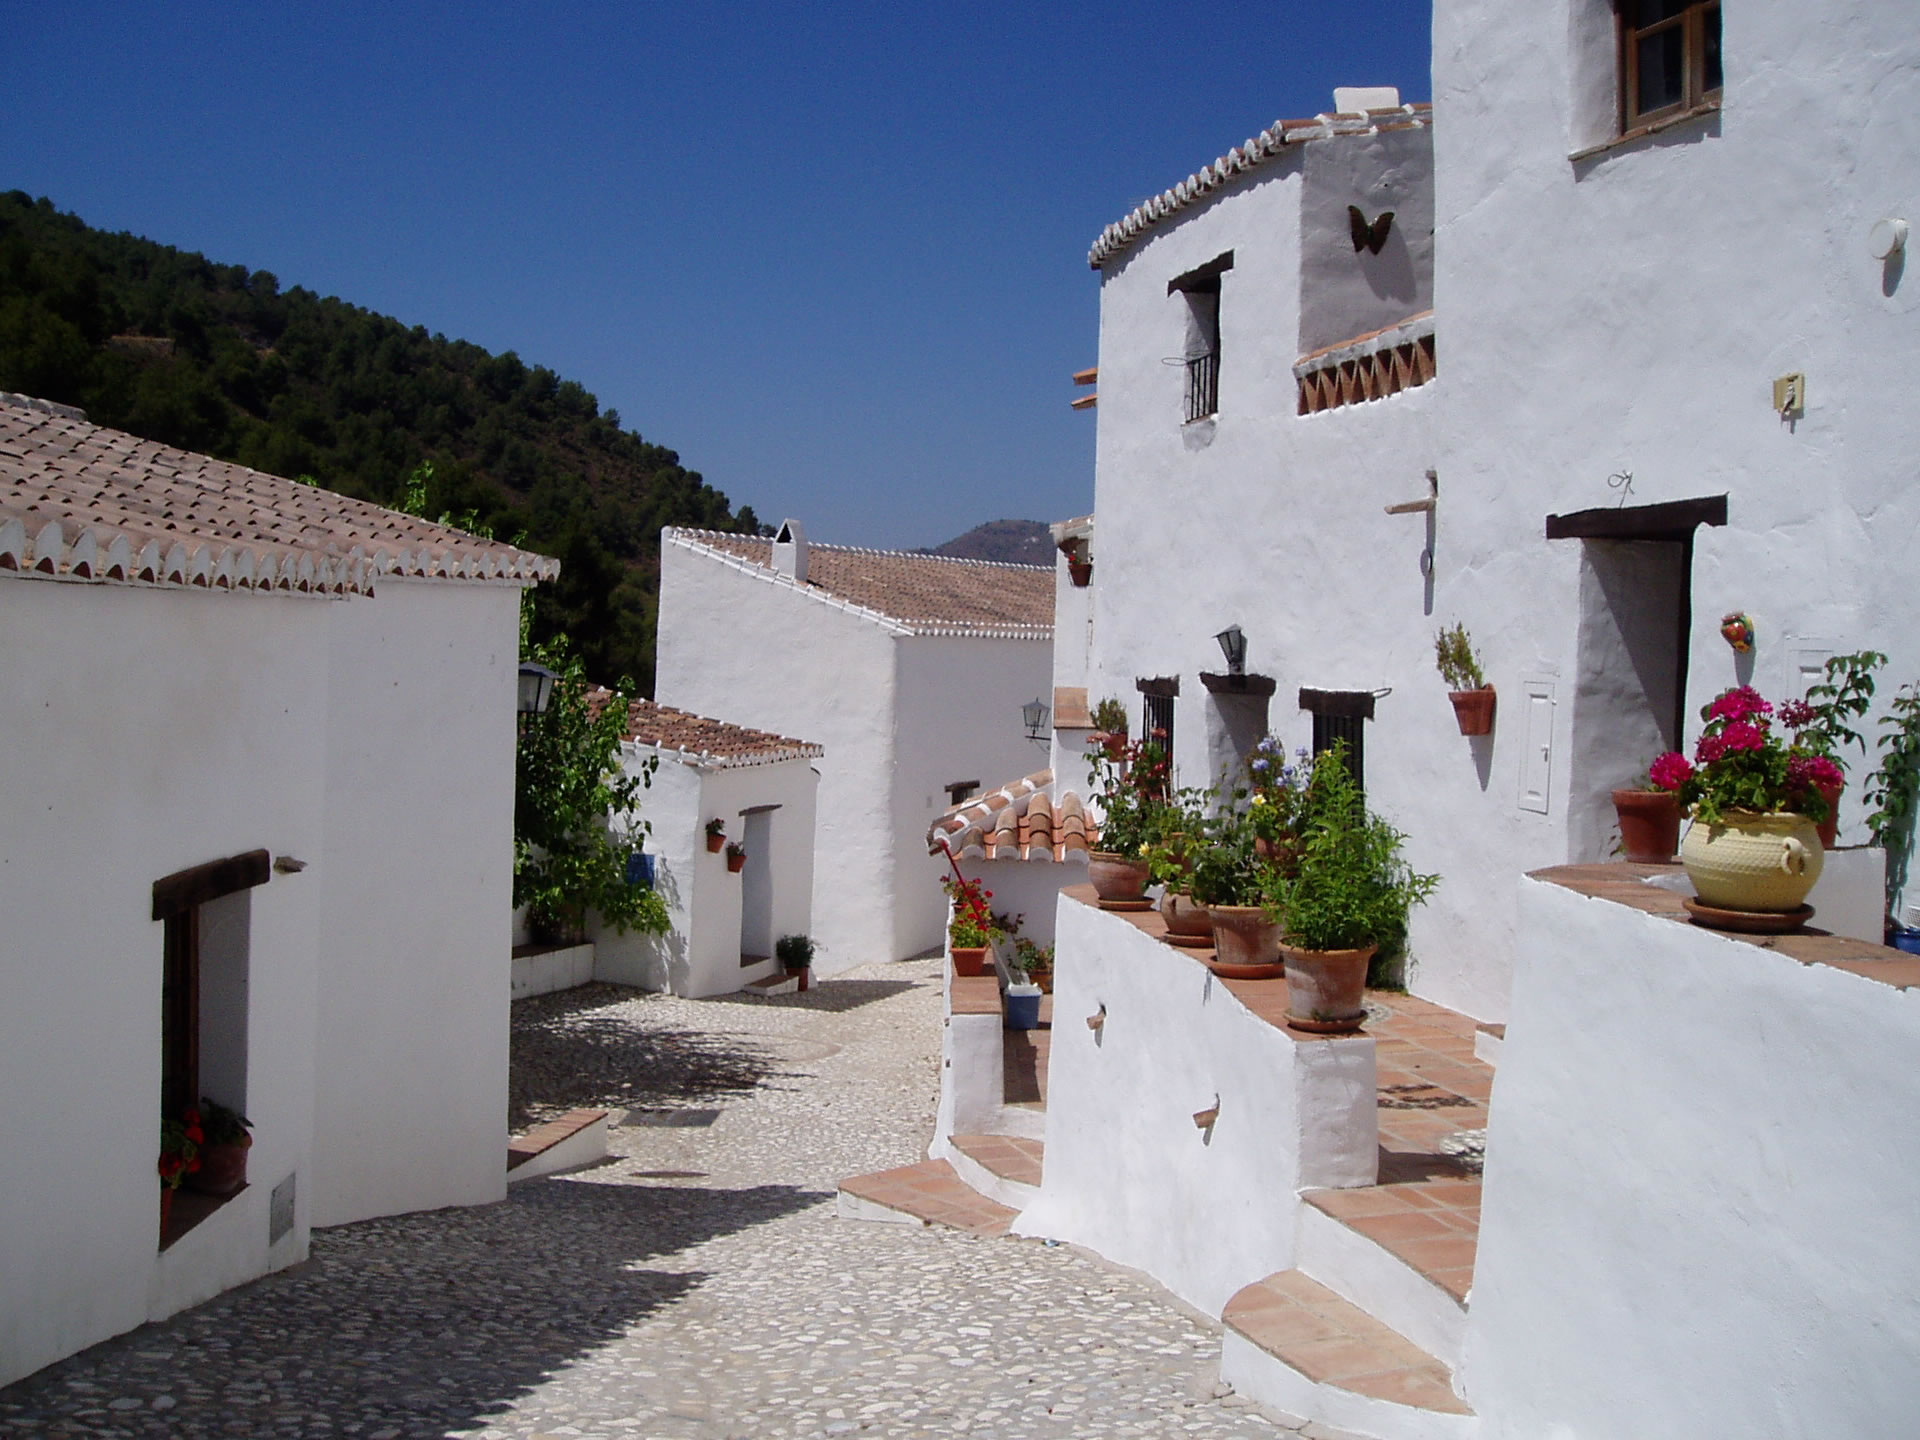 El Acebuchal - The Lost Village